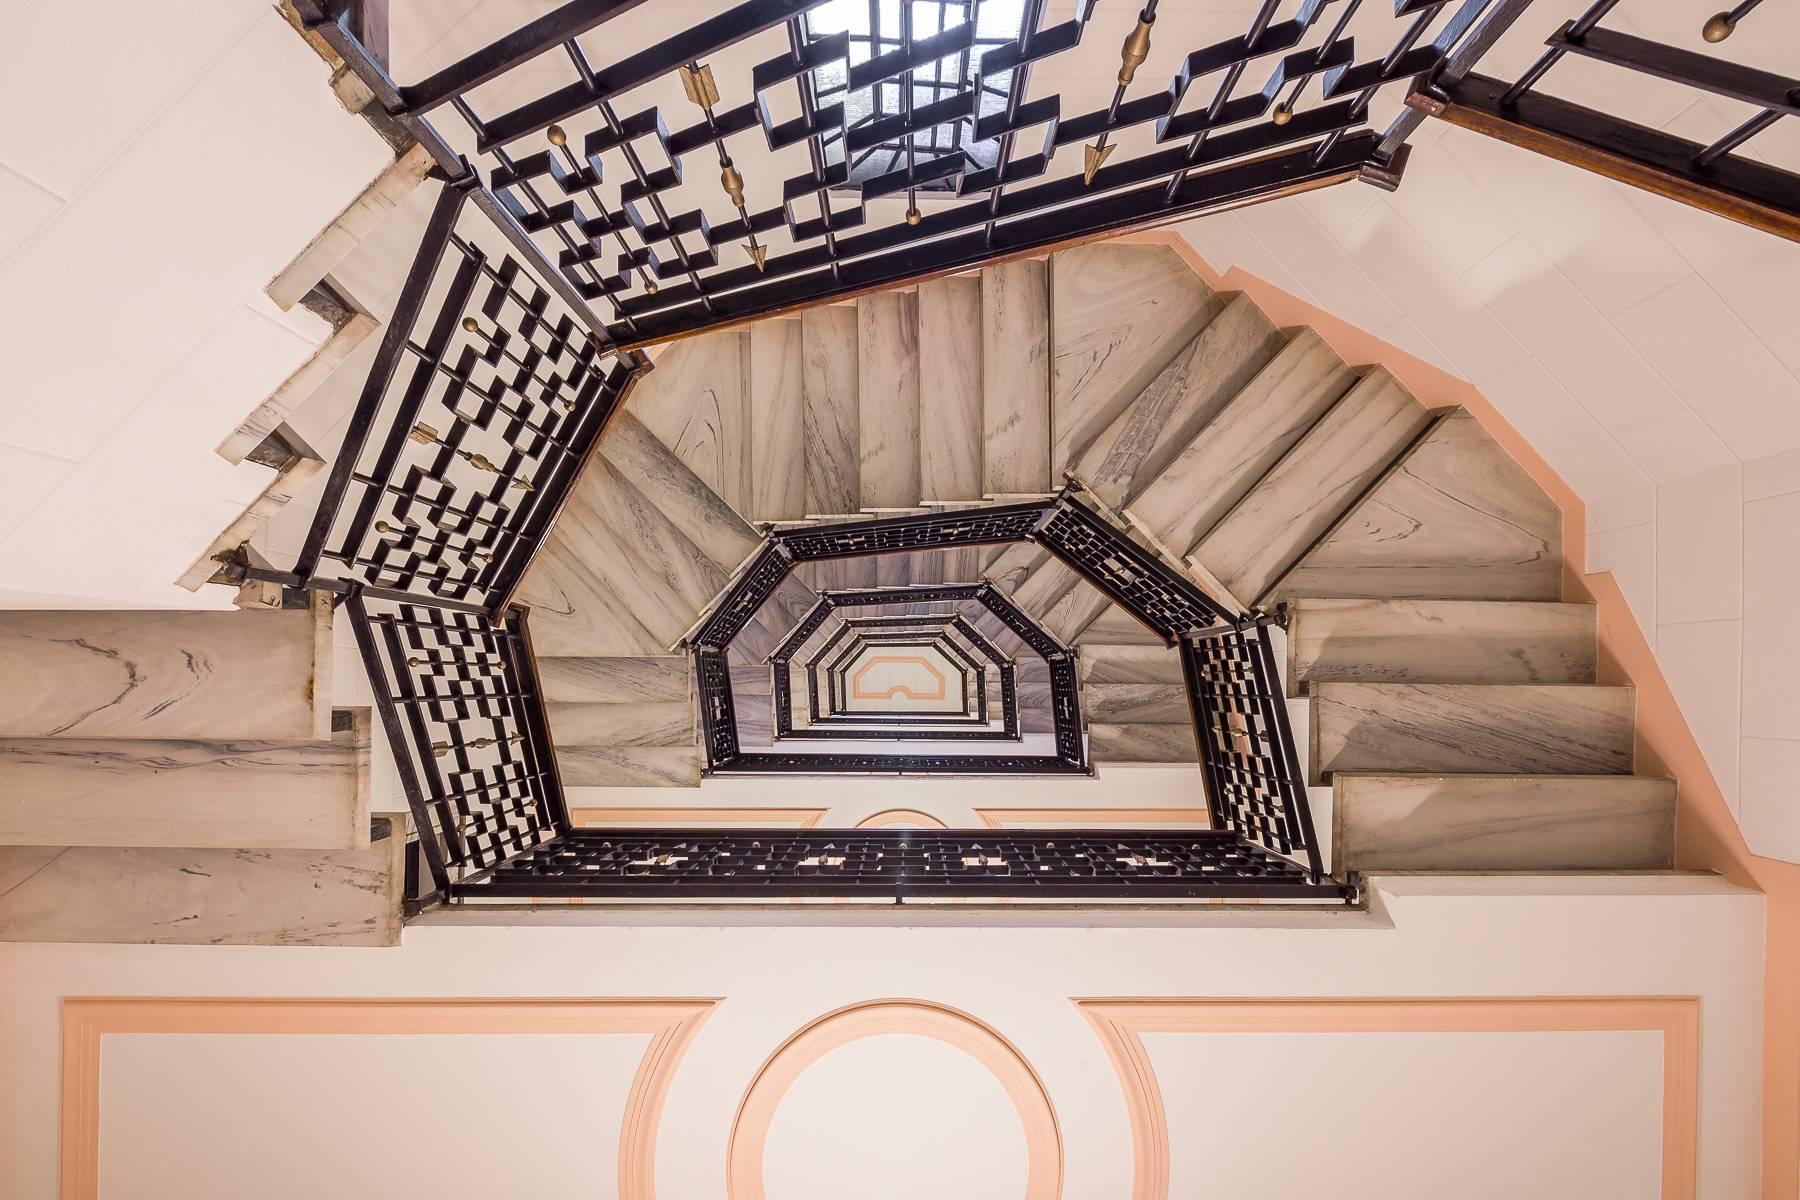 Appartamento esclusivo di 200 mq in nuda proprietà in un palazzo d'epoca - 14